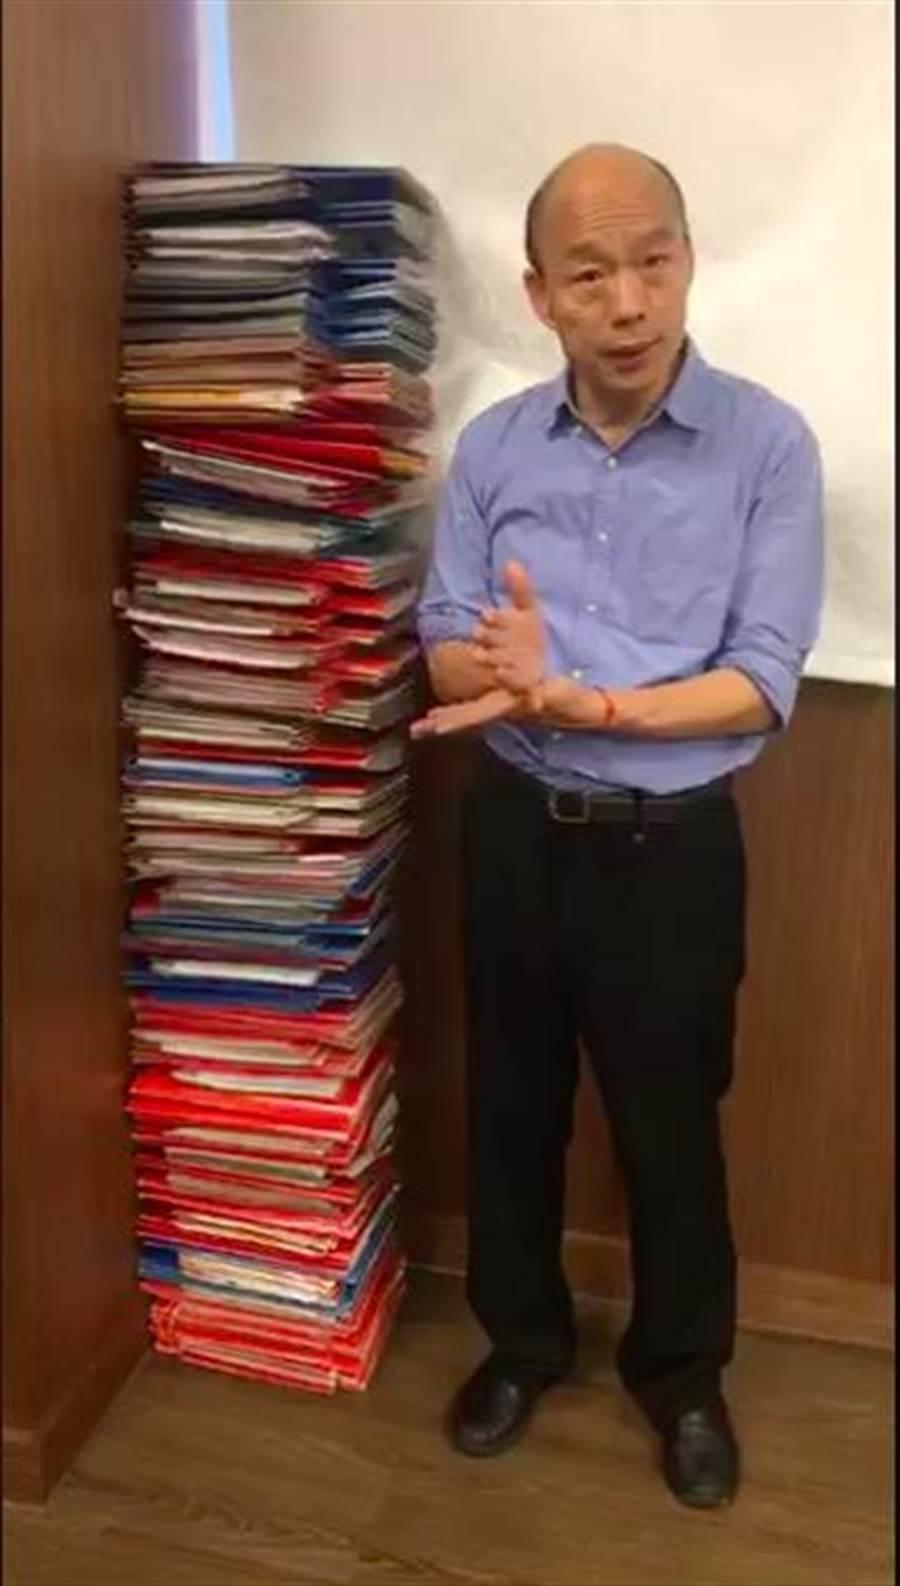 高雄市長韓國瑜中午開直播,堆出1人高的公文和行政院長蘇貞昌PK,呼籲民眾思考什麼樣的狀態才是更好的行政效率。(翻攝自韓國瑜臉書)